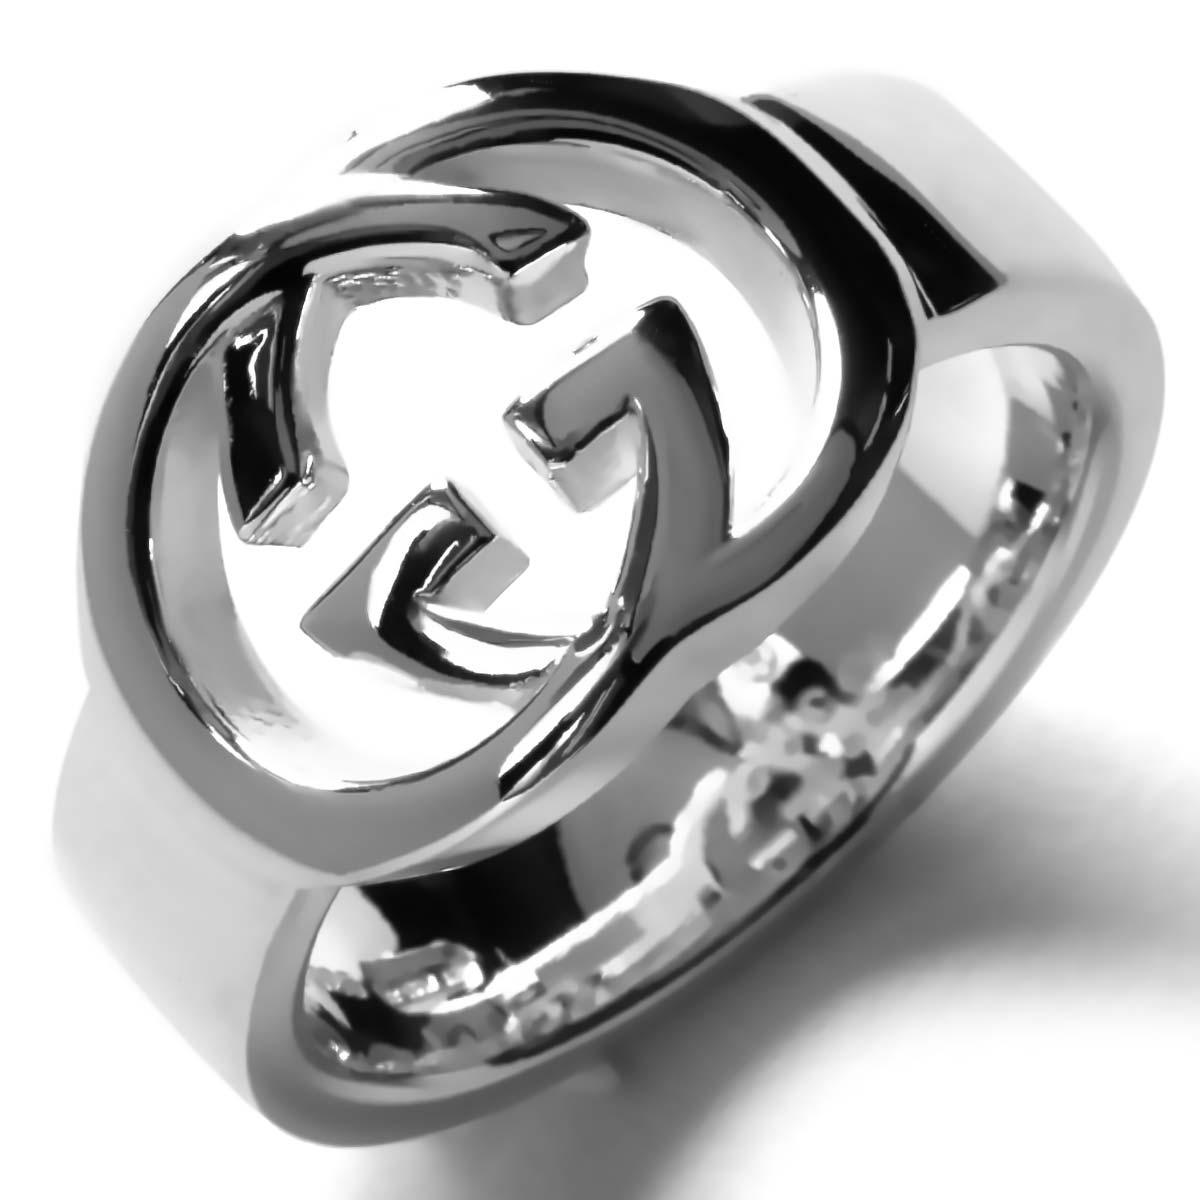 b9fbc178a38a グッチ リング【指輪】 アクセサリー メンズ レディース インターロッキングG シルバー 190483 J8400 8106 GUCCI